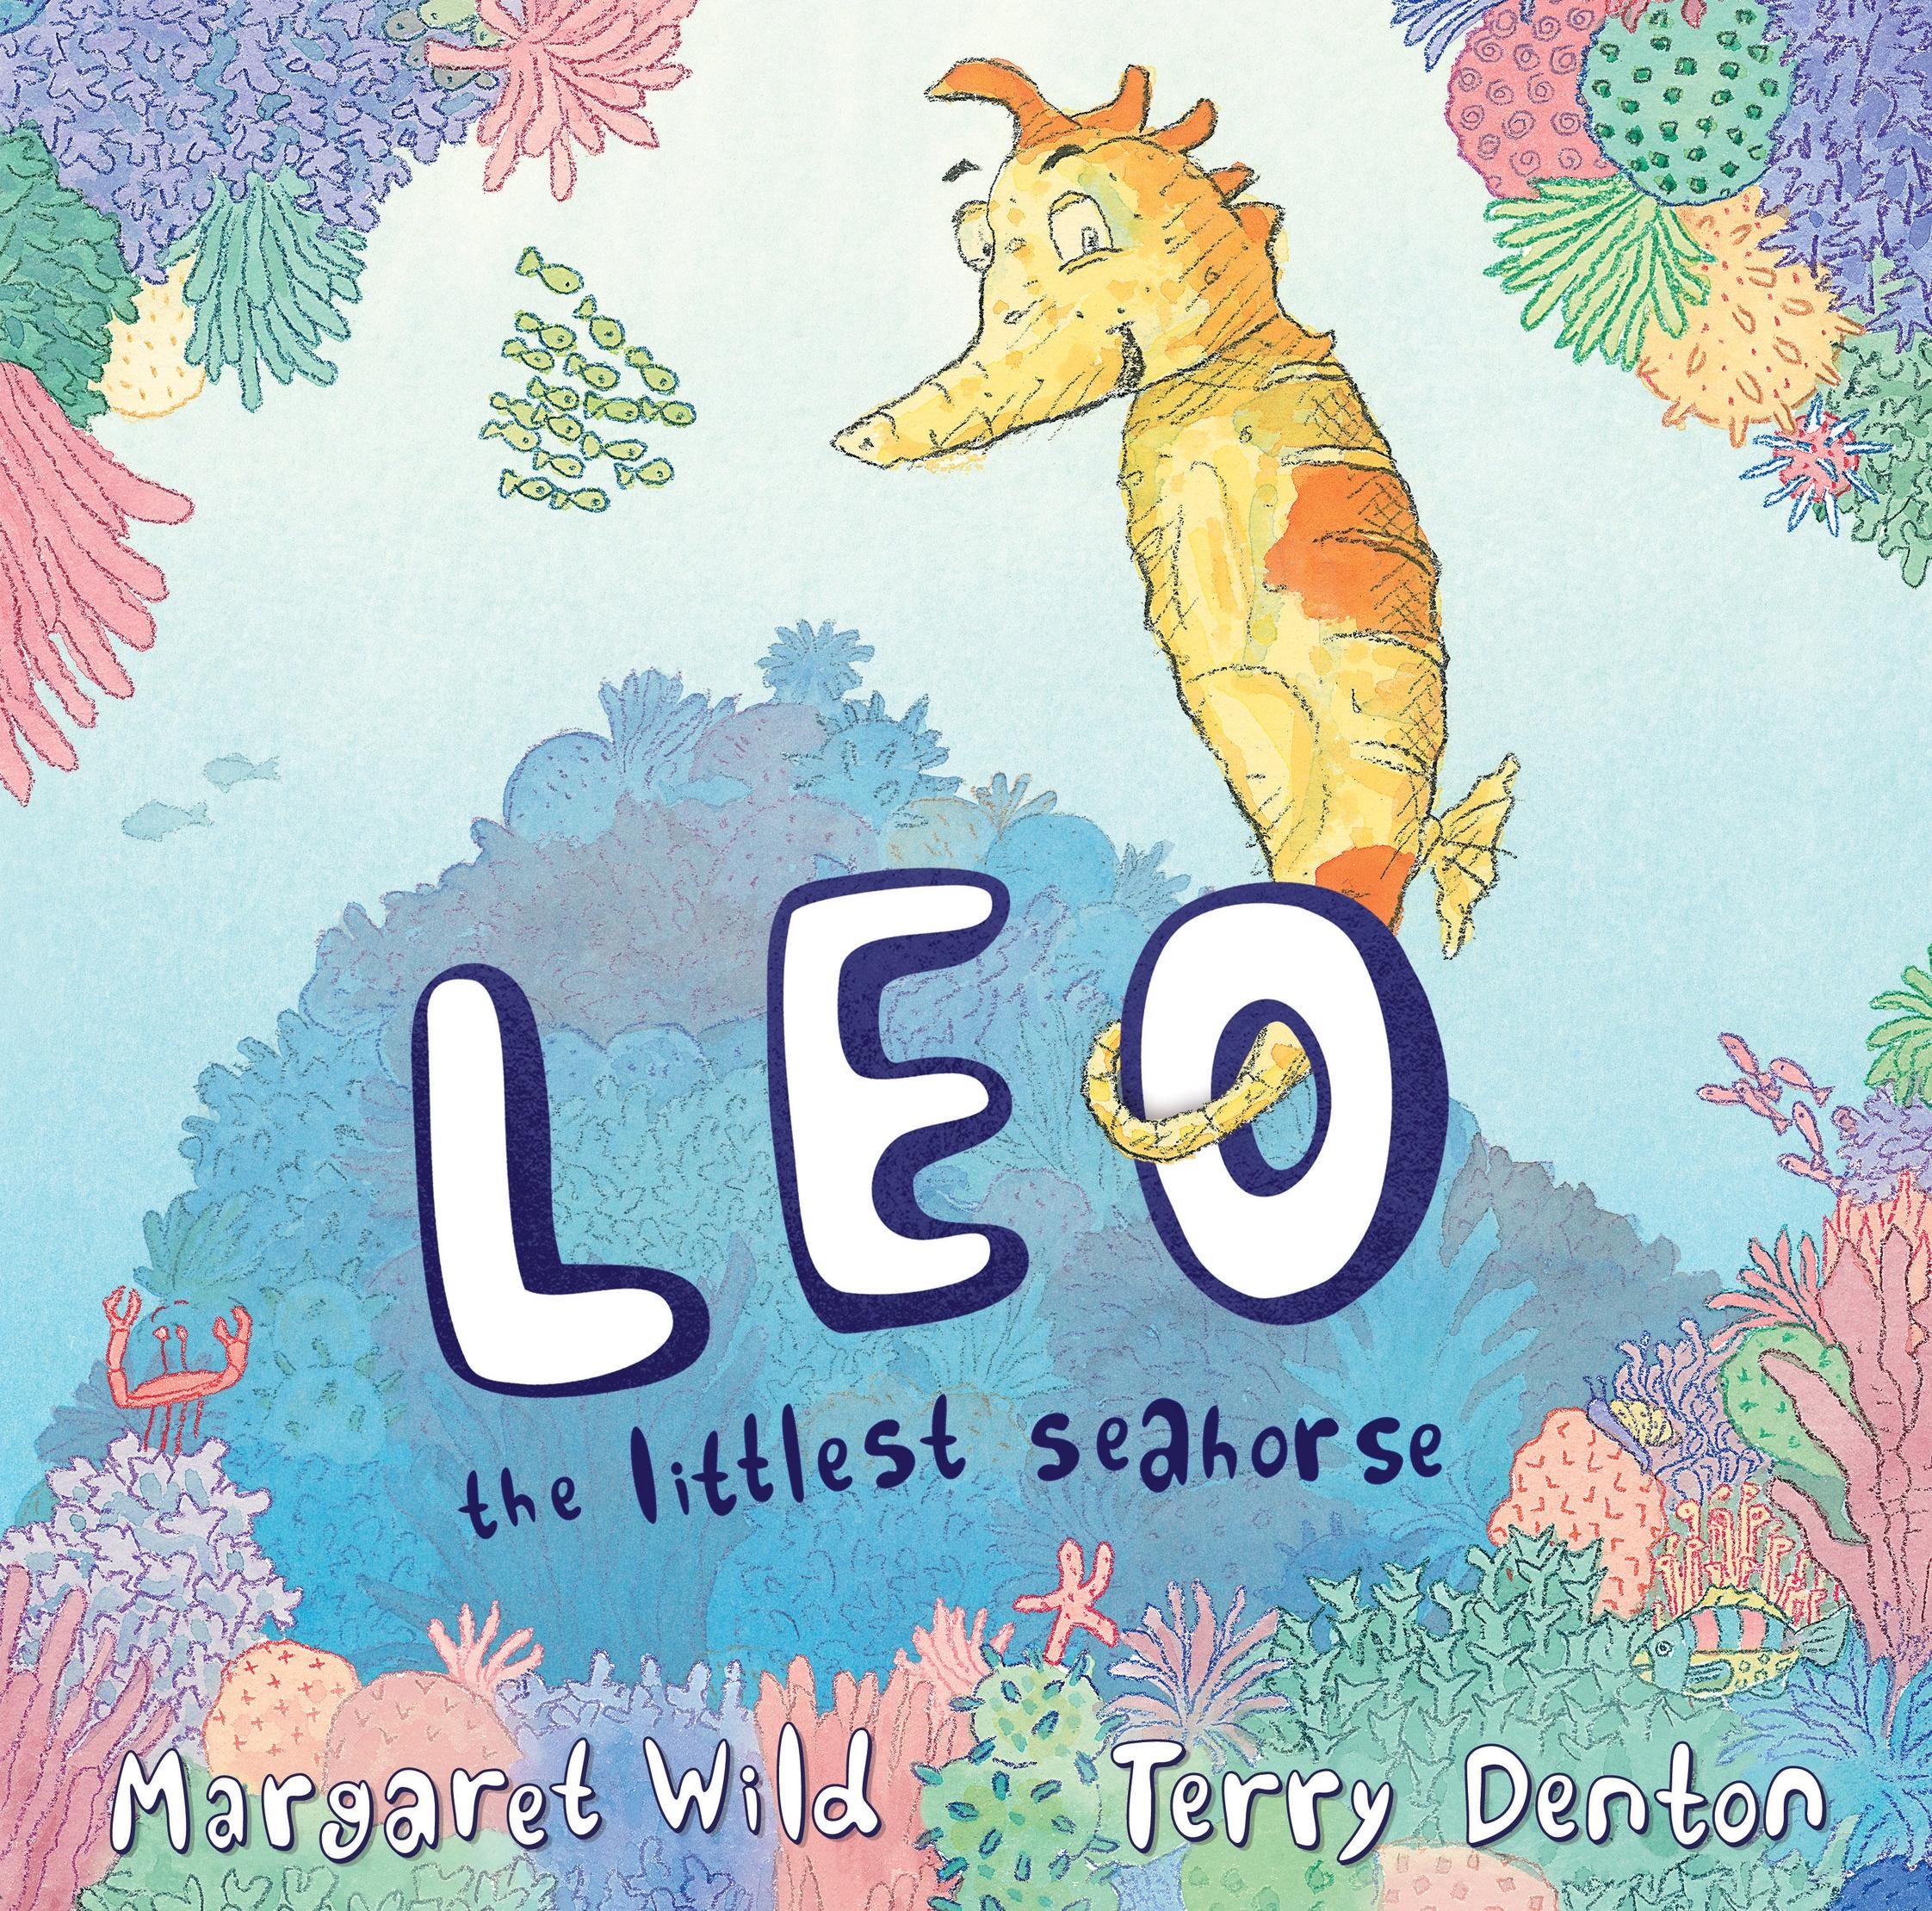 Leo the Littlest Seahorse by Margaret Wild - Penguin Books Australia